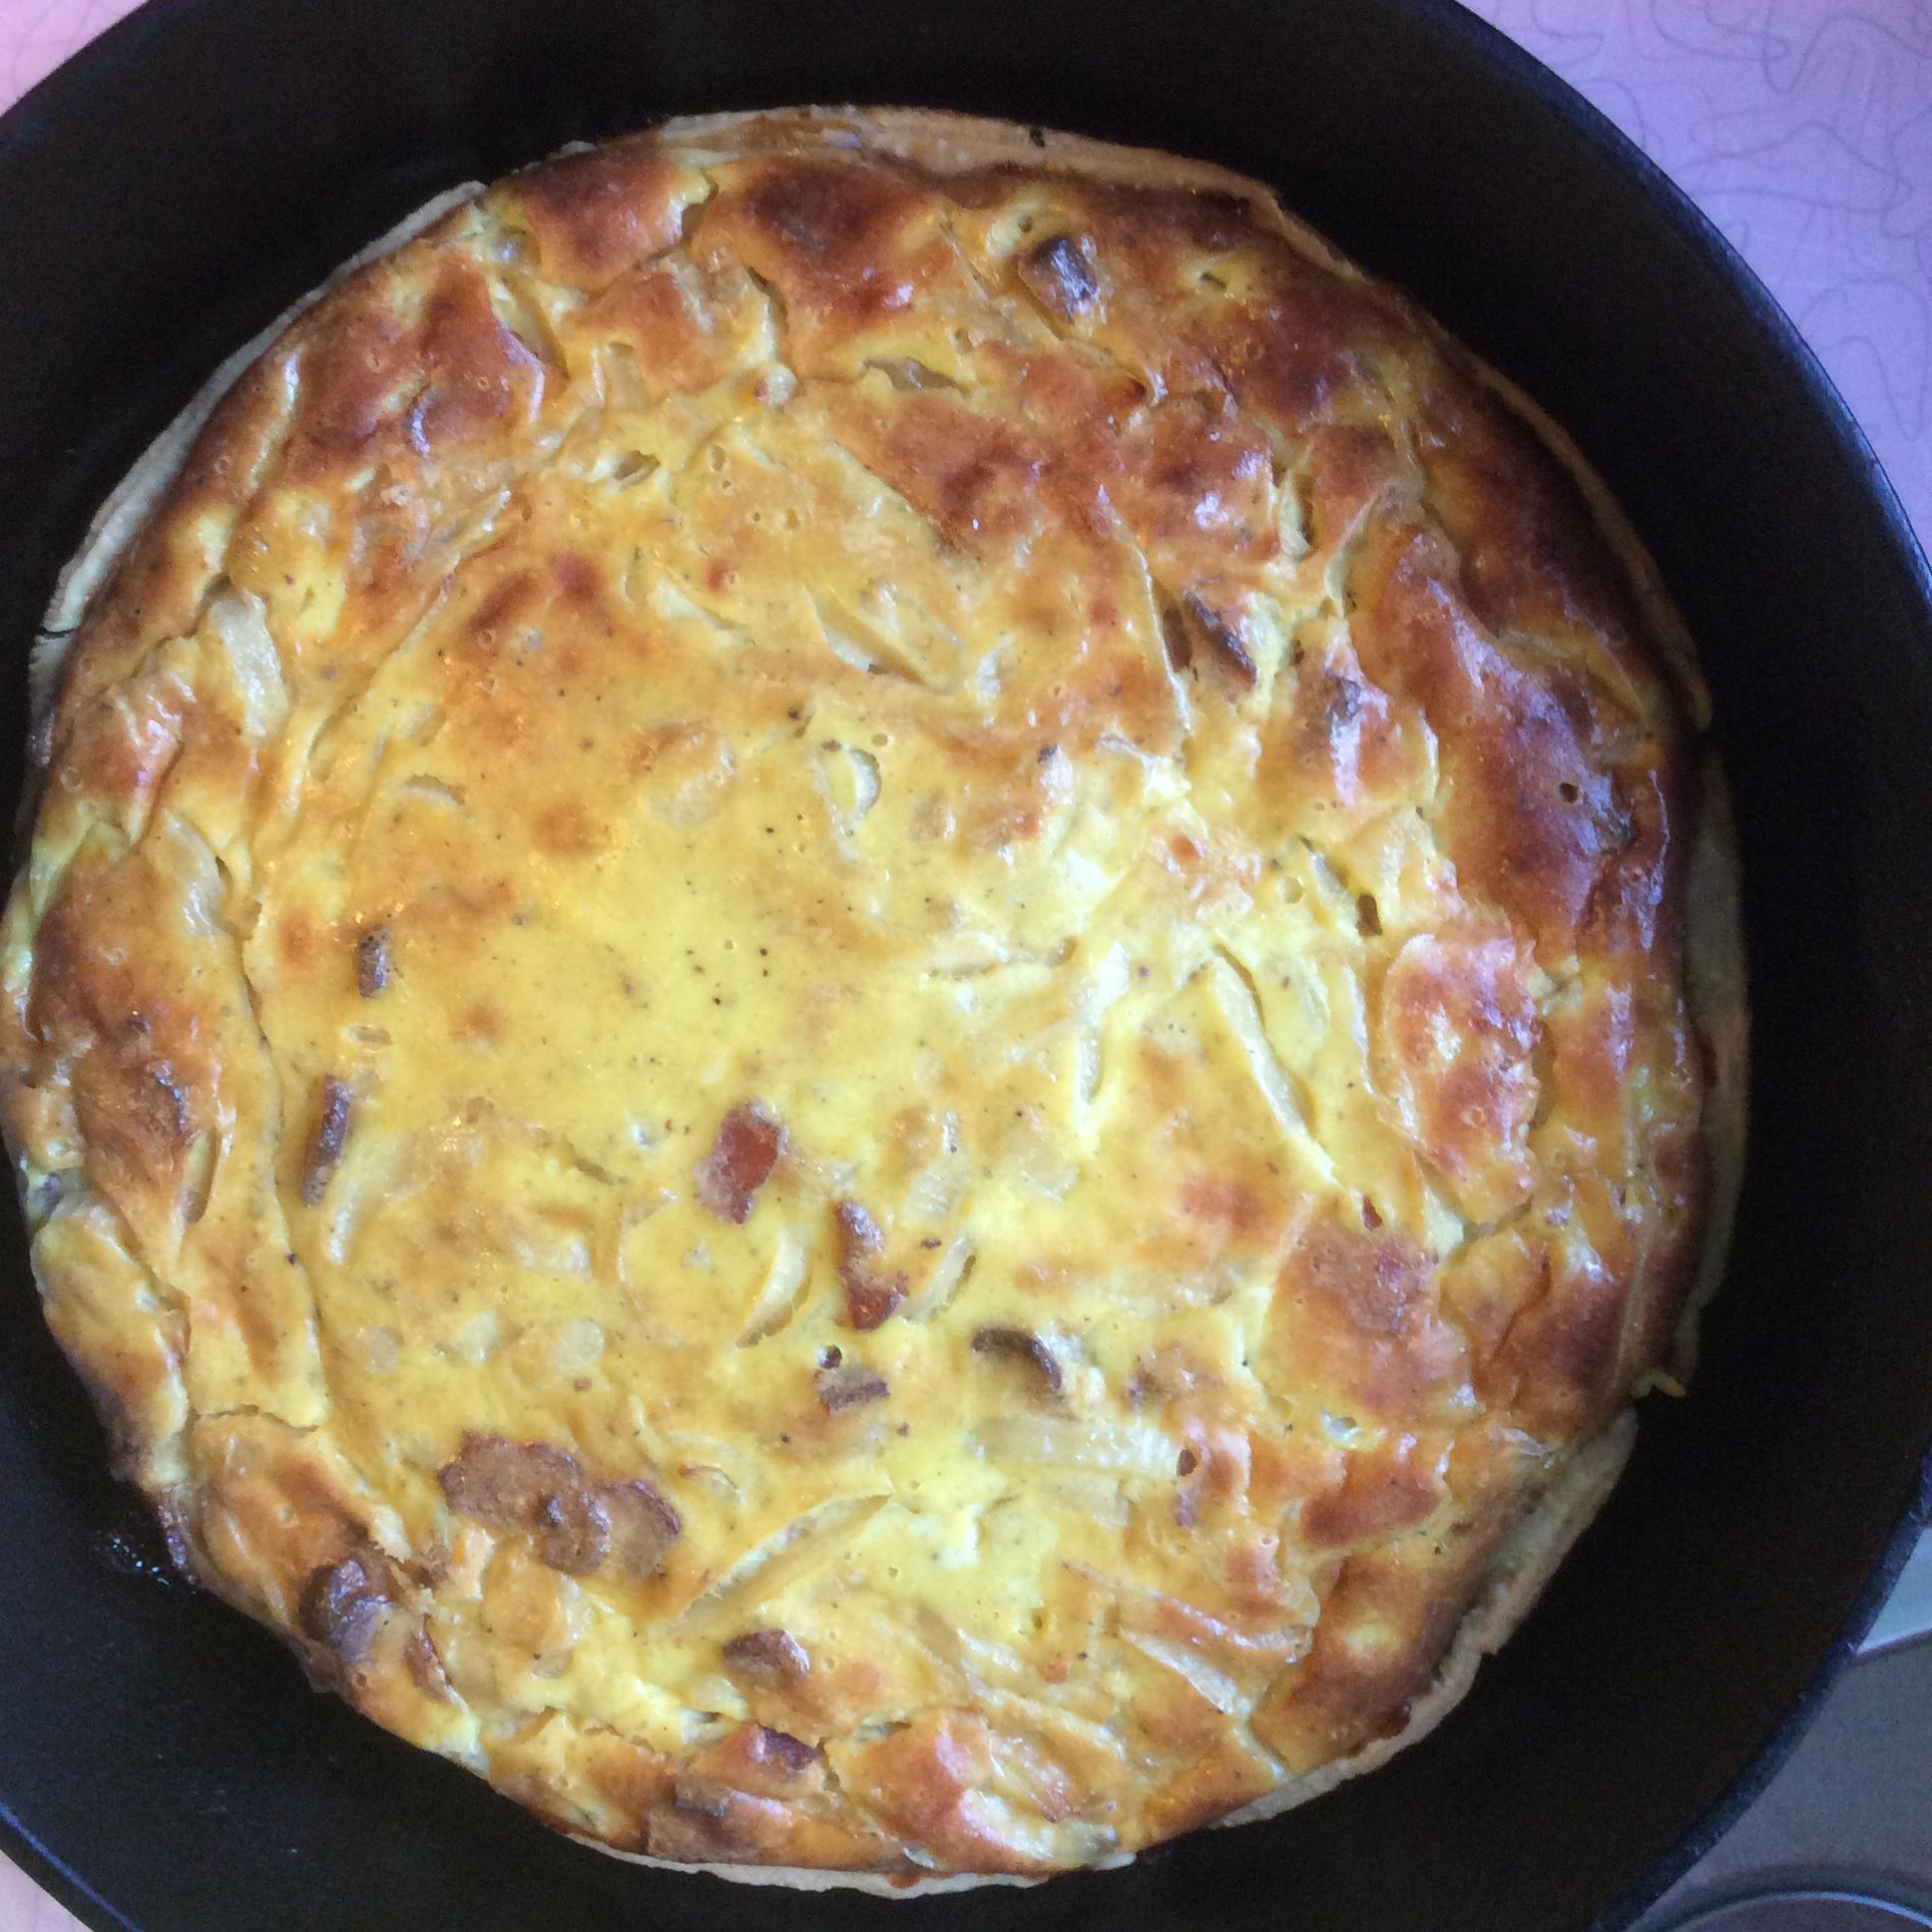 German Zwiebelkuchen (Onion Pie) Wags